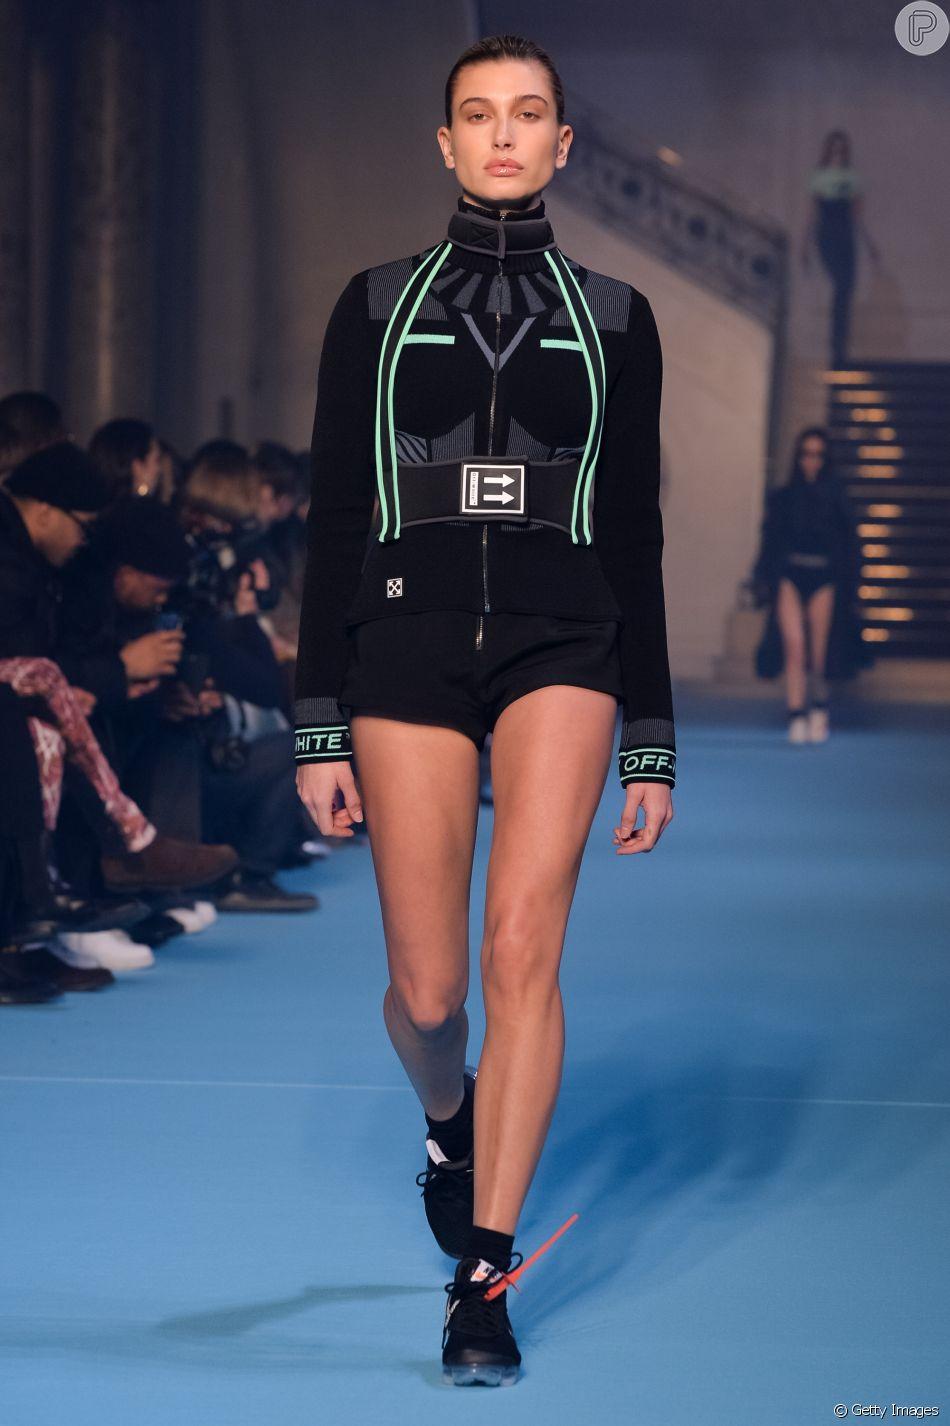 Tênis com meia é a última moda! Hailey Baldwin na passarela da Off_White: tênis com meia combinando e lacre de plástico no cadarço